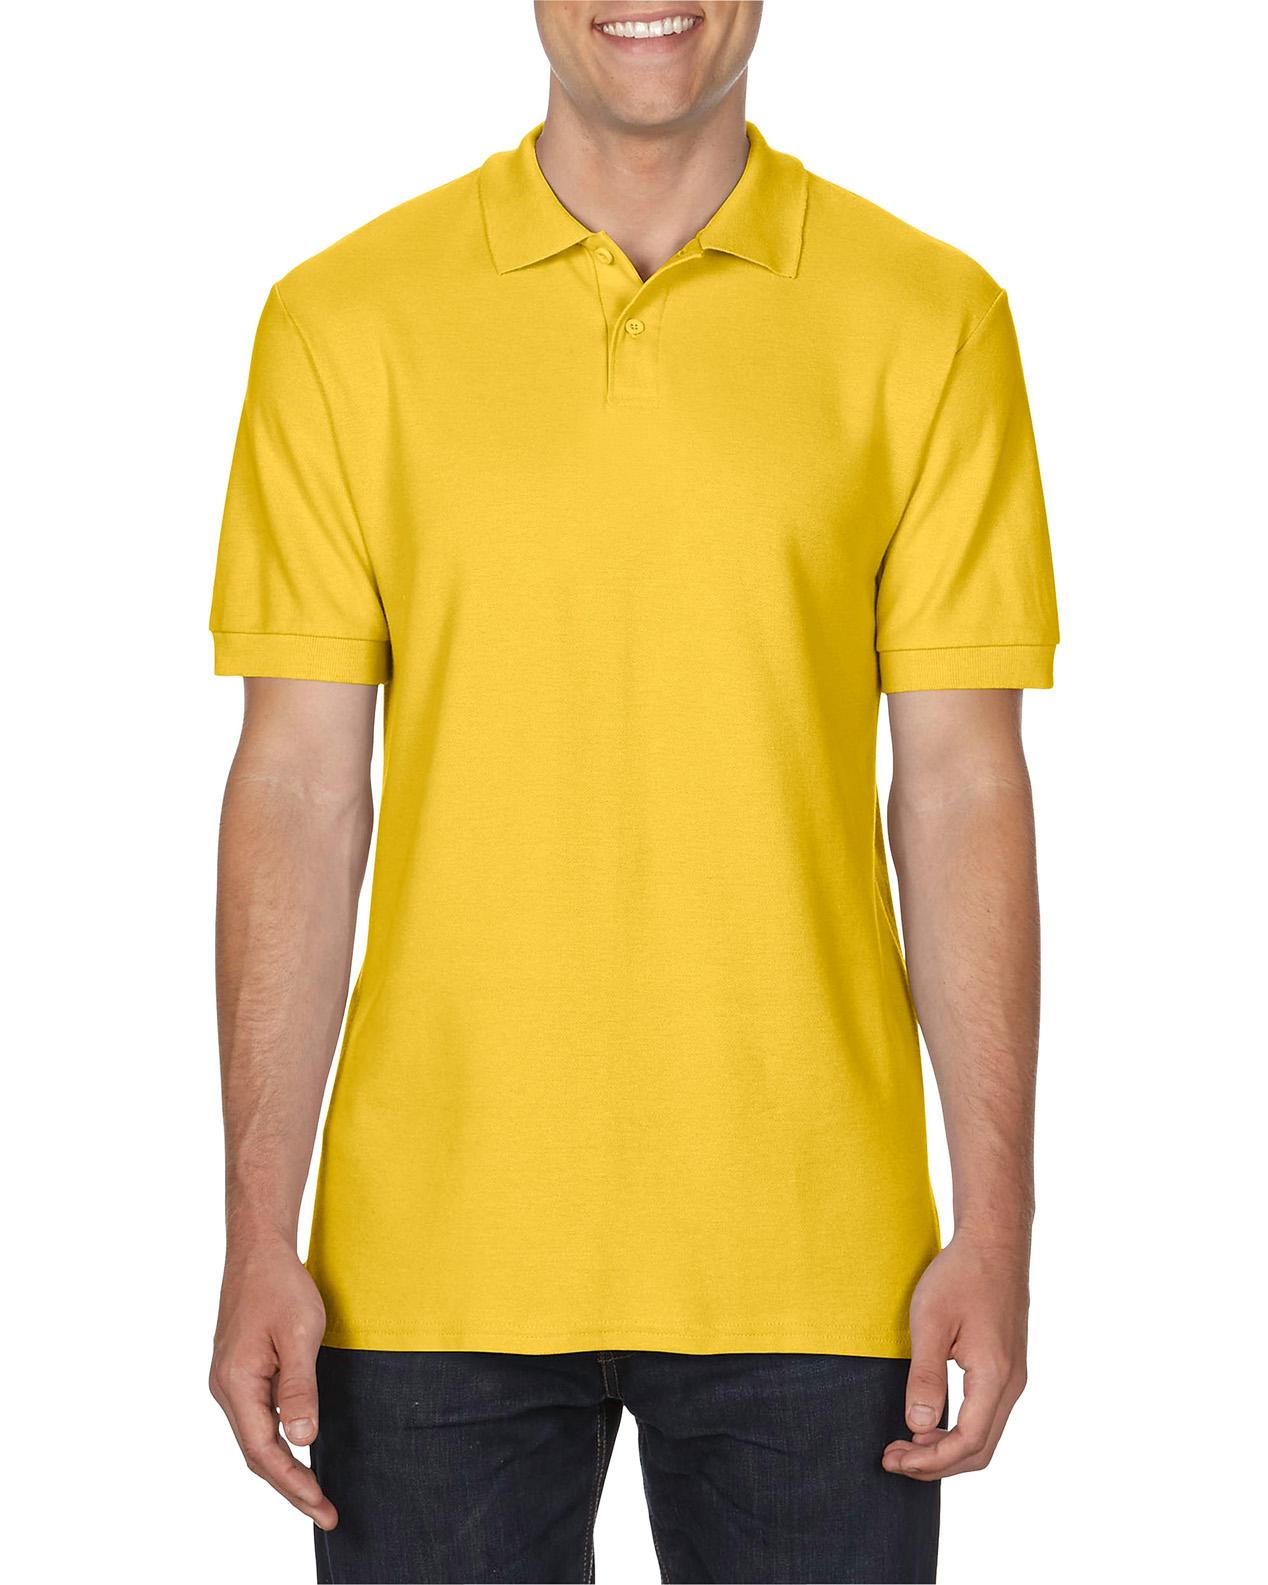 100 cotton Gildan polo shirt daisy yellow